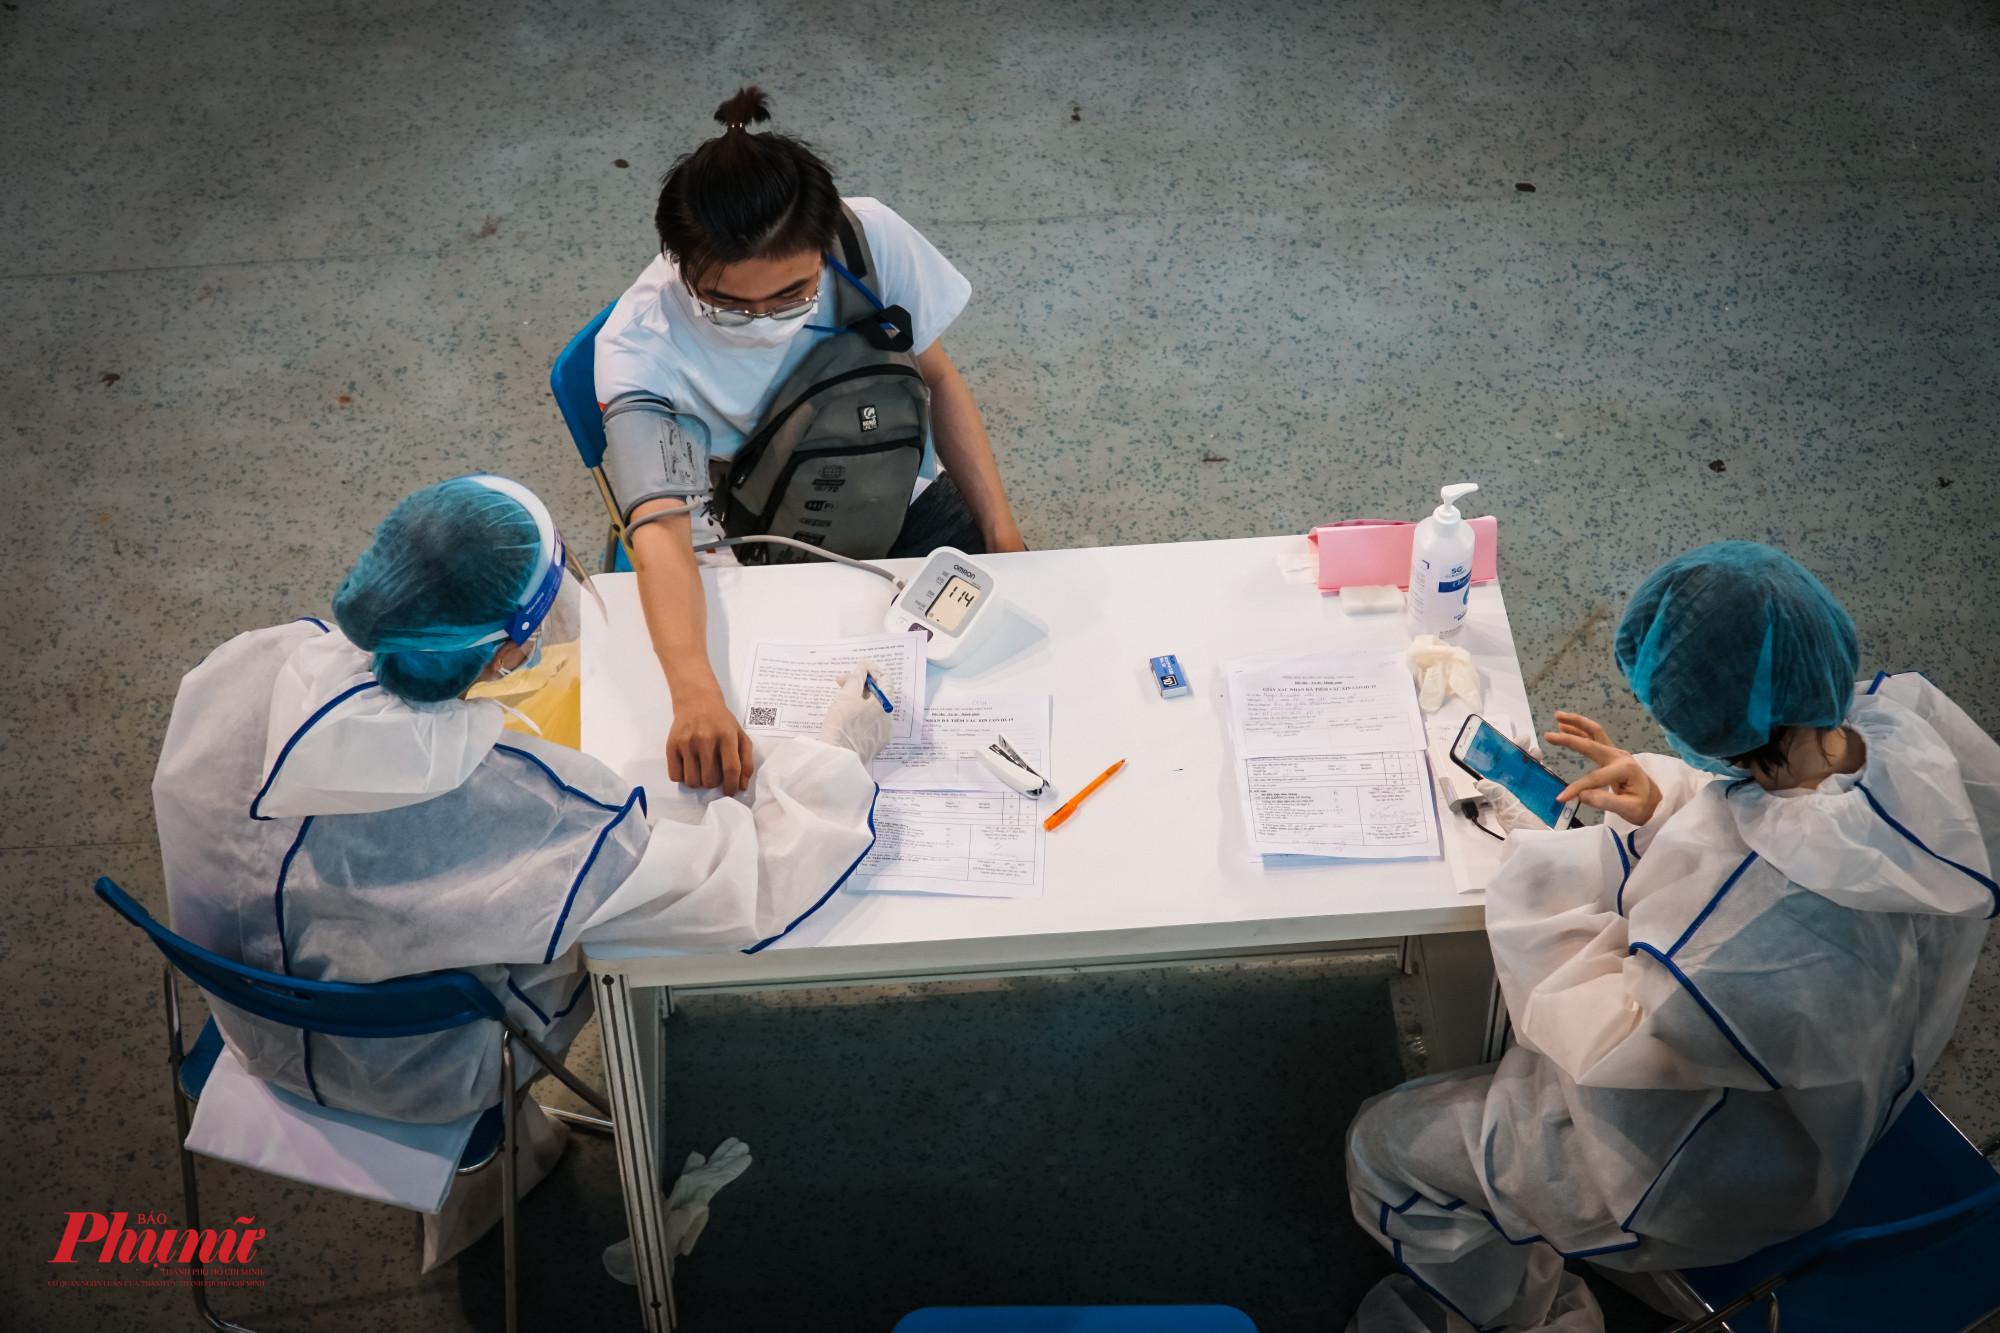 Nhiều người lao động có huyết áp cao, được đưa ra khu vực theo dõi và kiểm tra lại sau đó